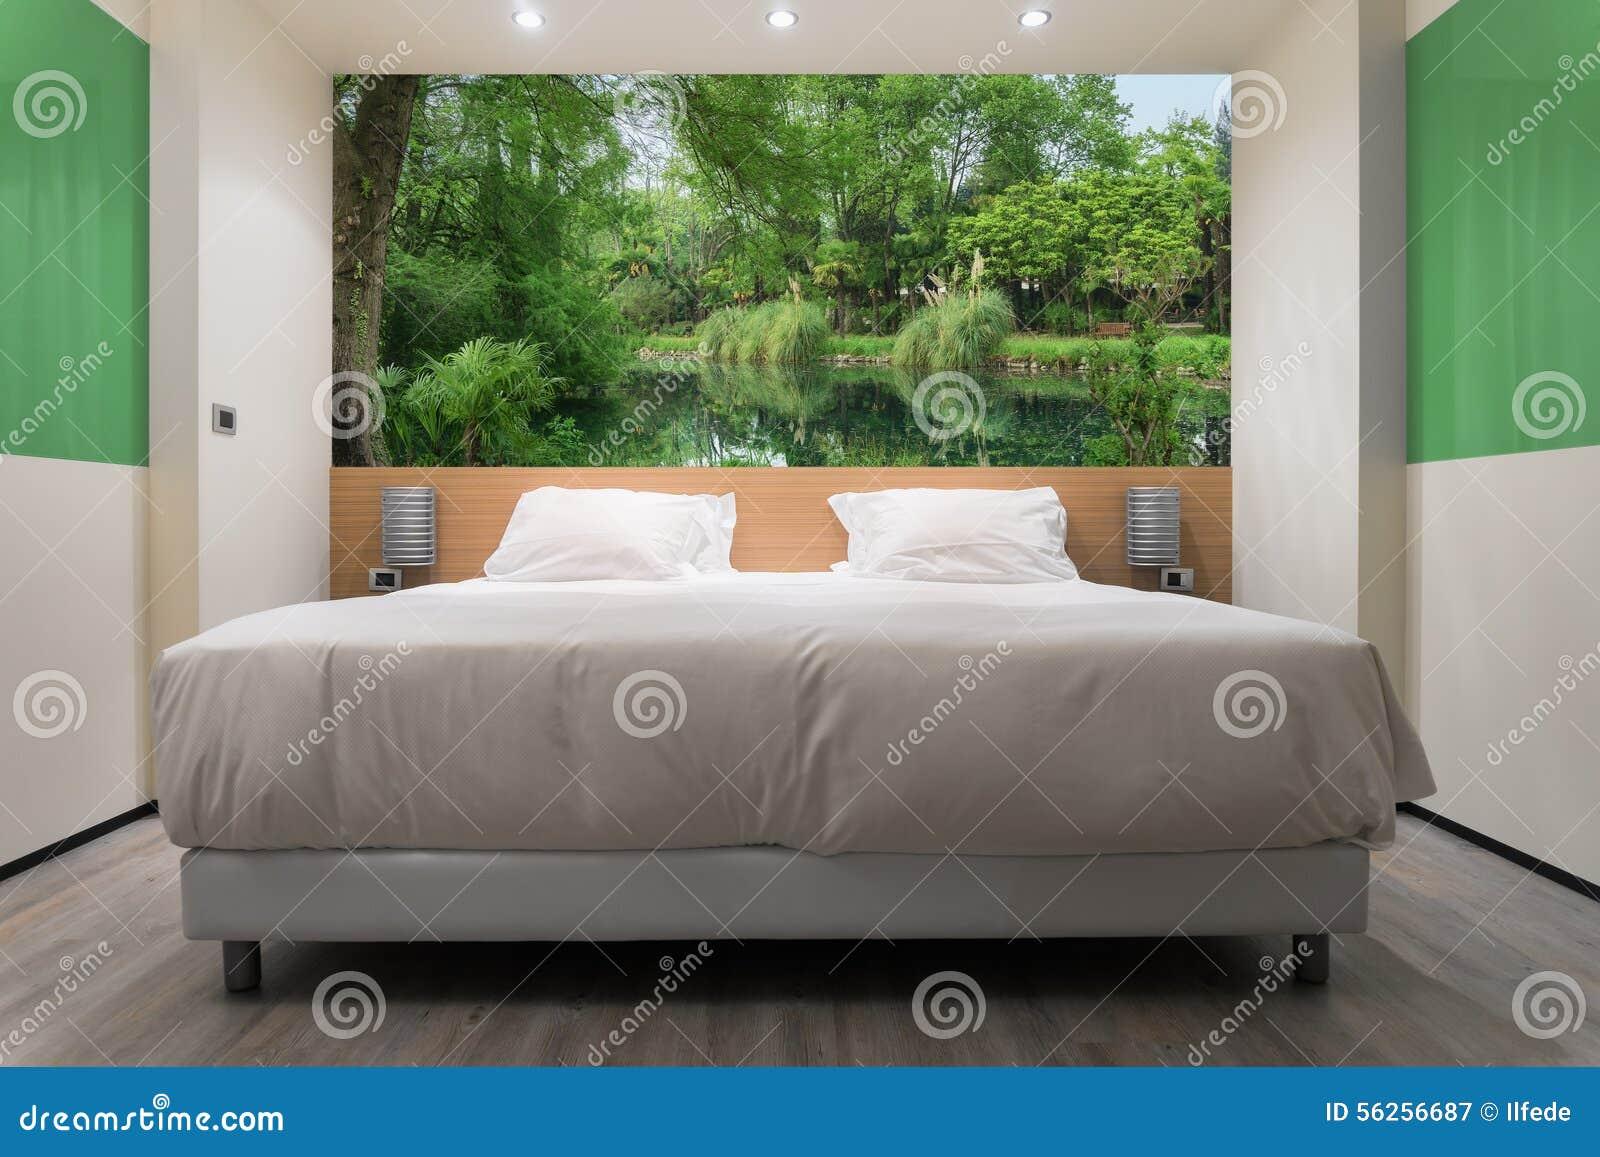 gr nes schlafzimmer stockbild bild von raum hotel eleganz 56256687. Black Bedroom Furniture Sets. Home Design Ideas